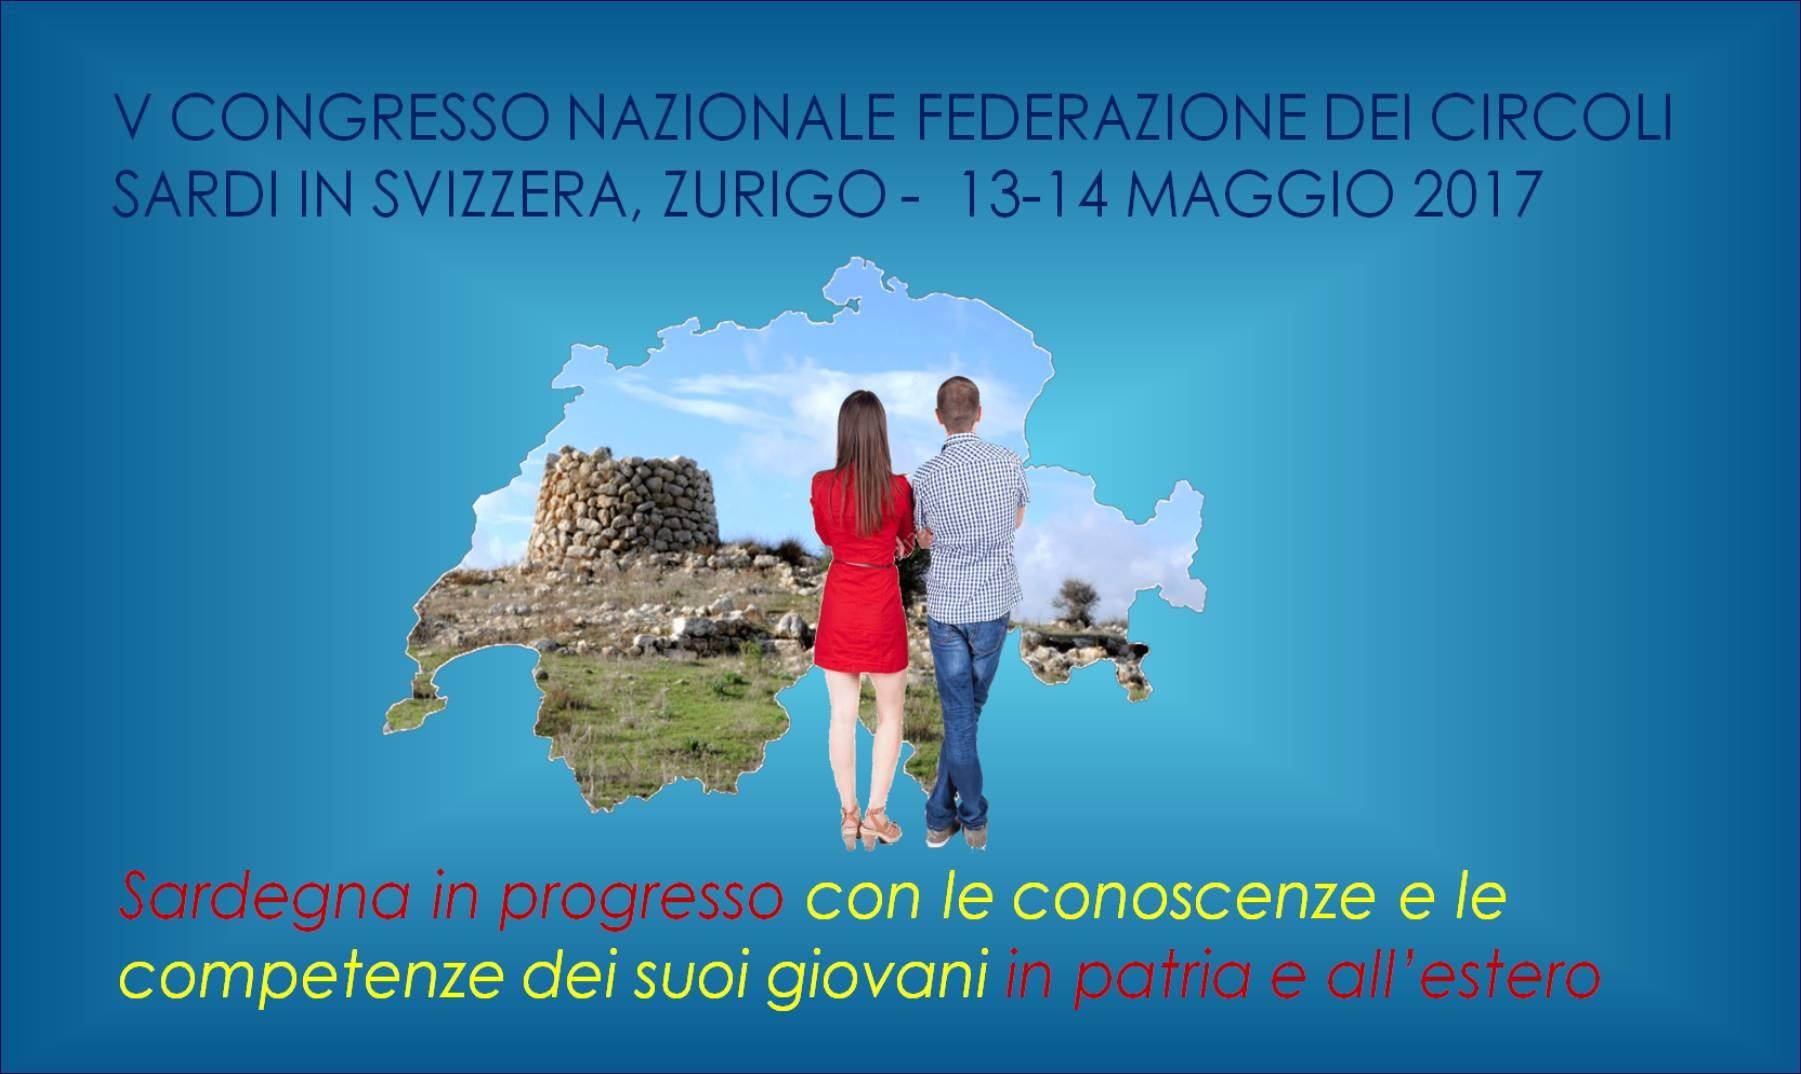 V Congresso Nazionale Federazione Circoli Sardi in Svizzera